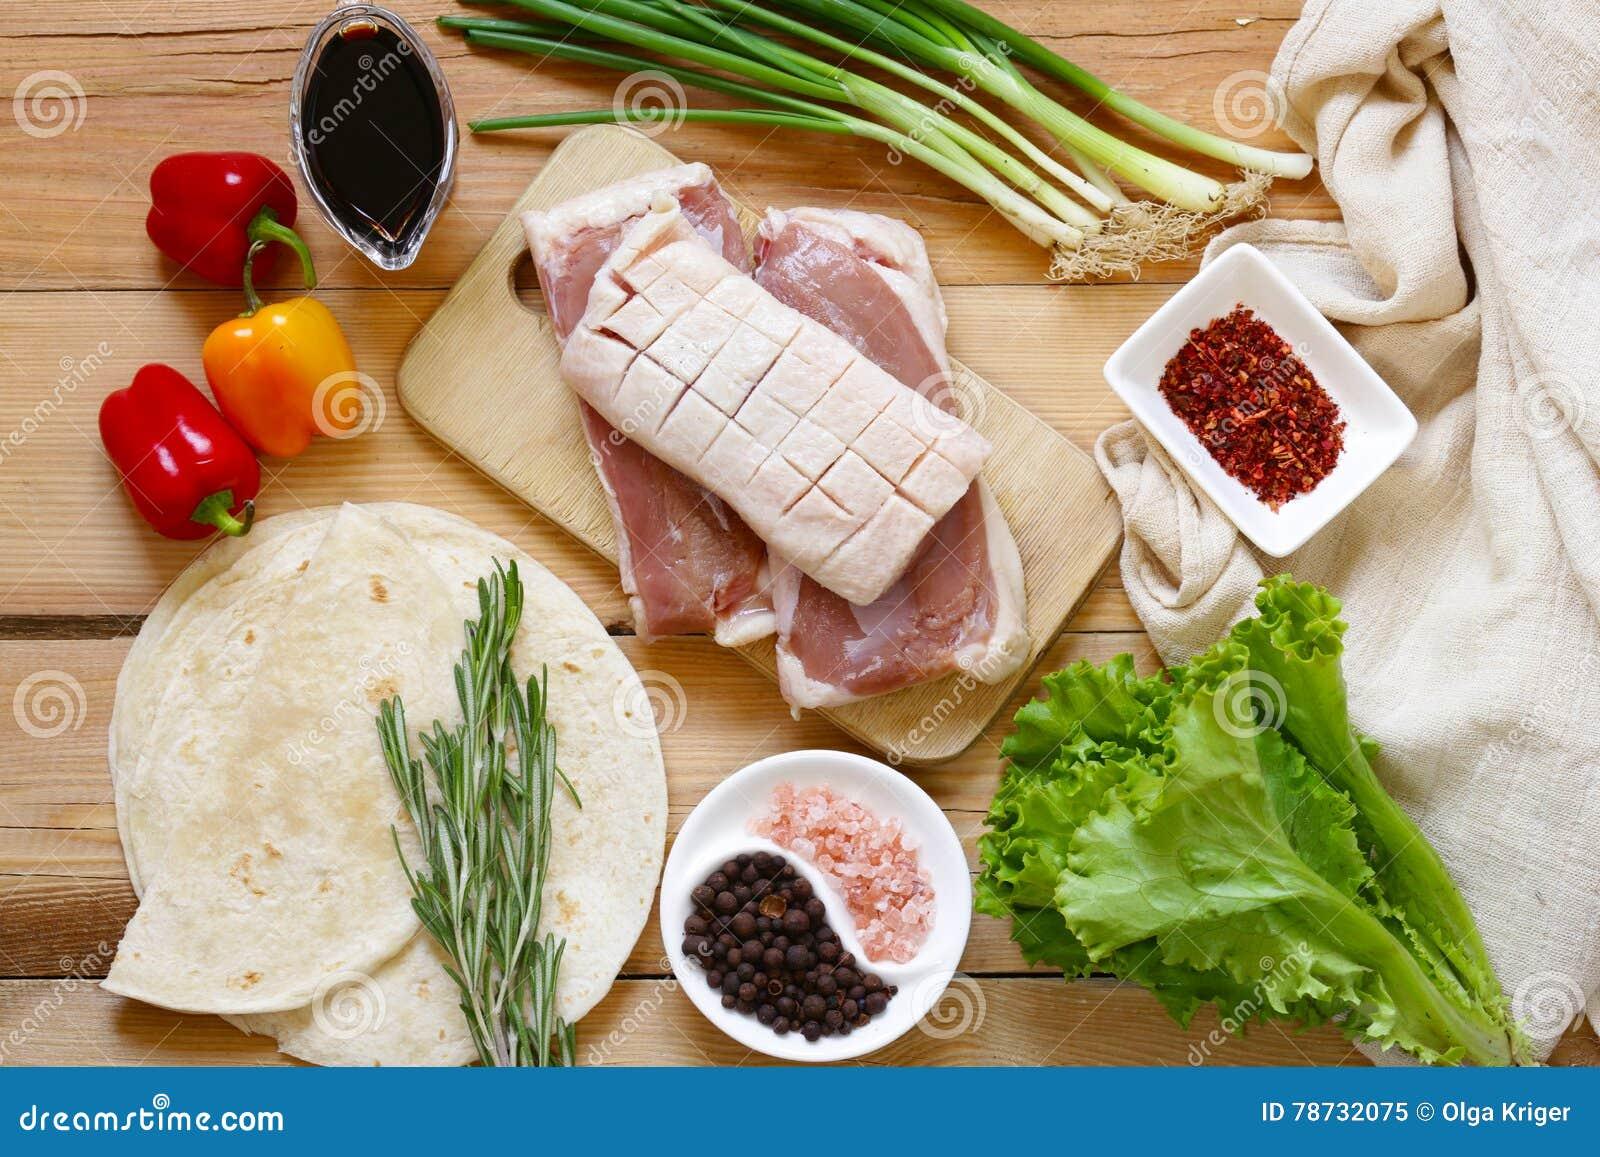 Rå andfilé, kryddor och såser